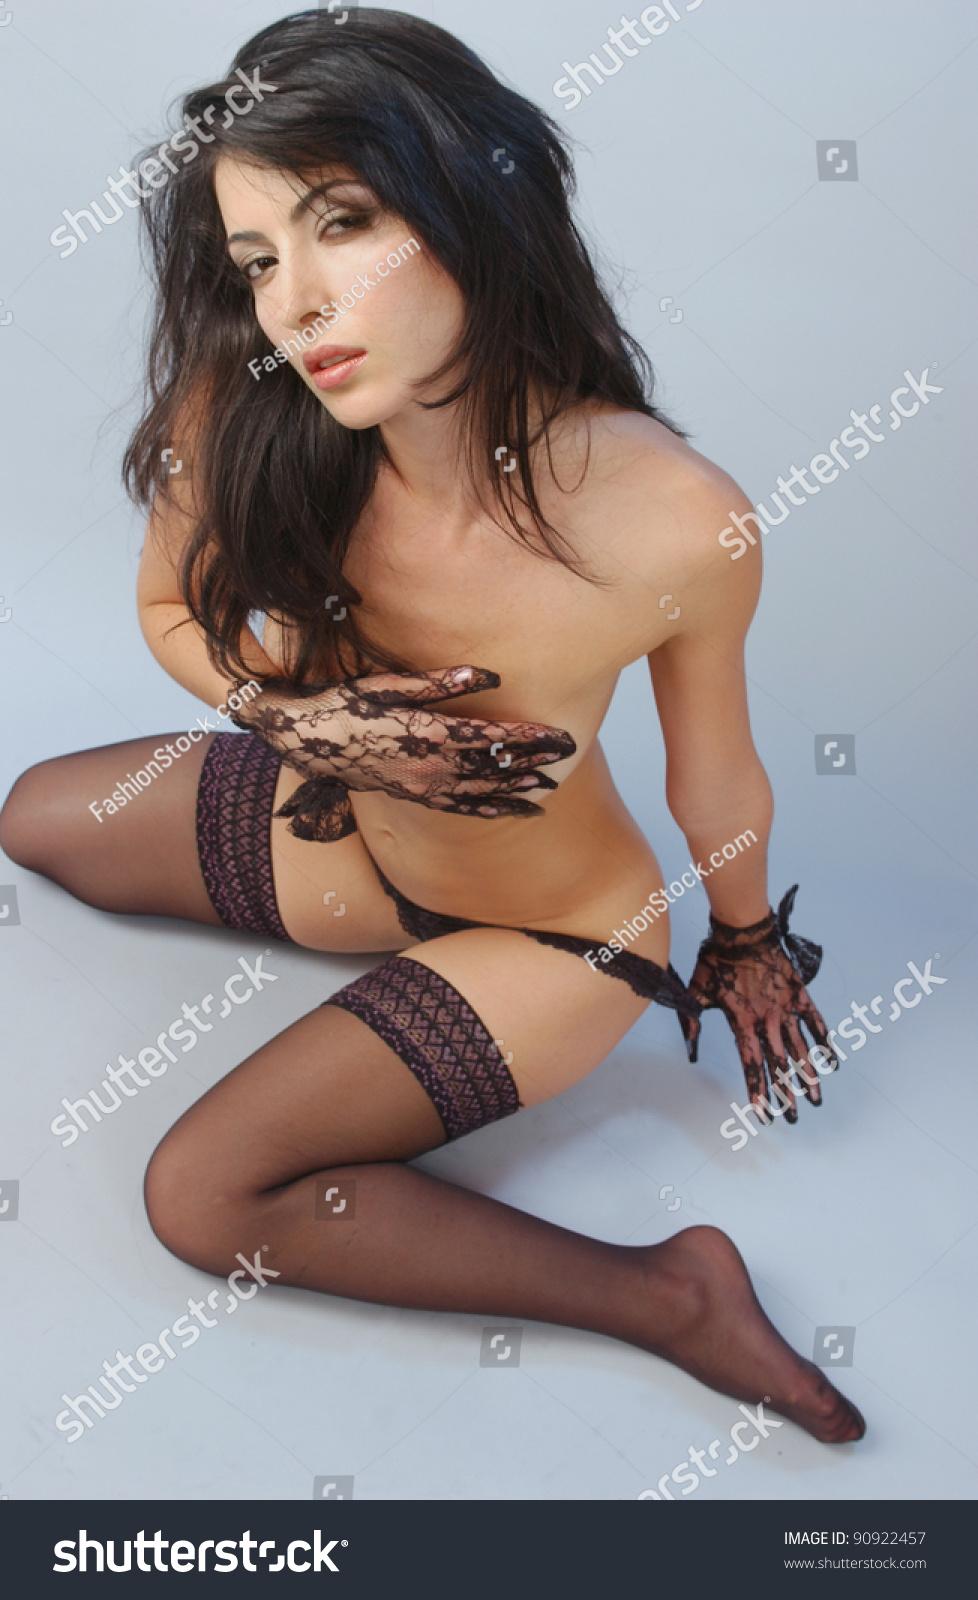 Oil wrestling naked women